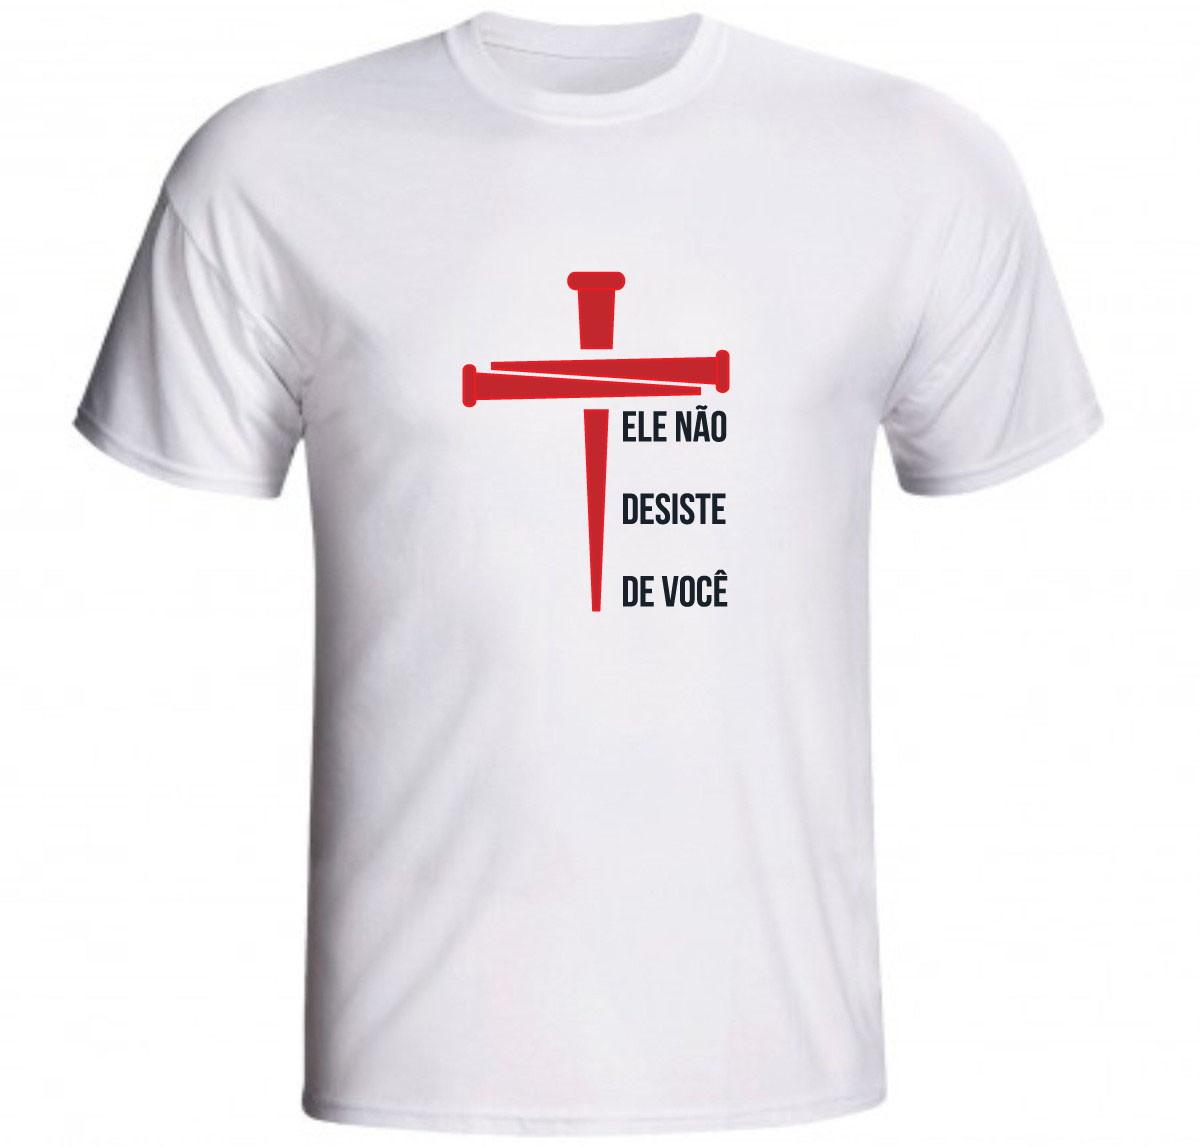 dffcf6ee2 Camiseta Evangelismo Ele não desiste de você cruz pregos no Elo7 ...